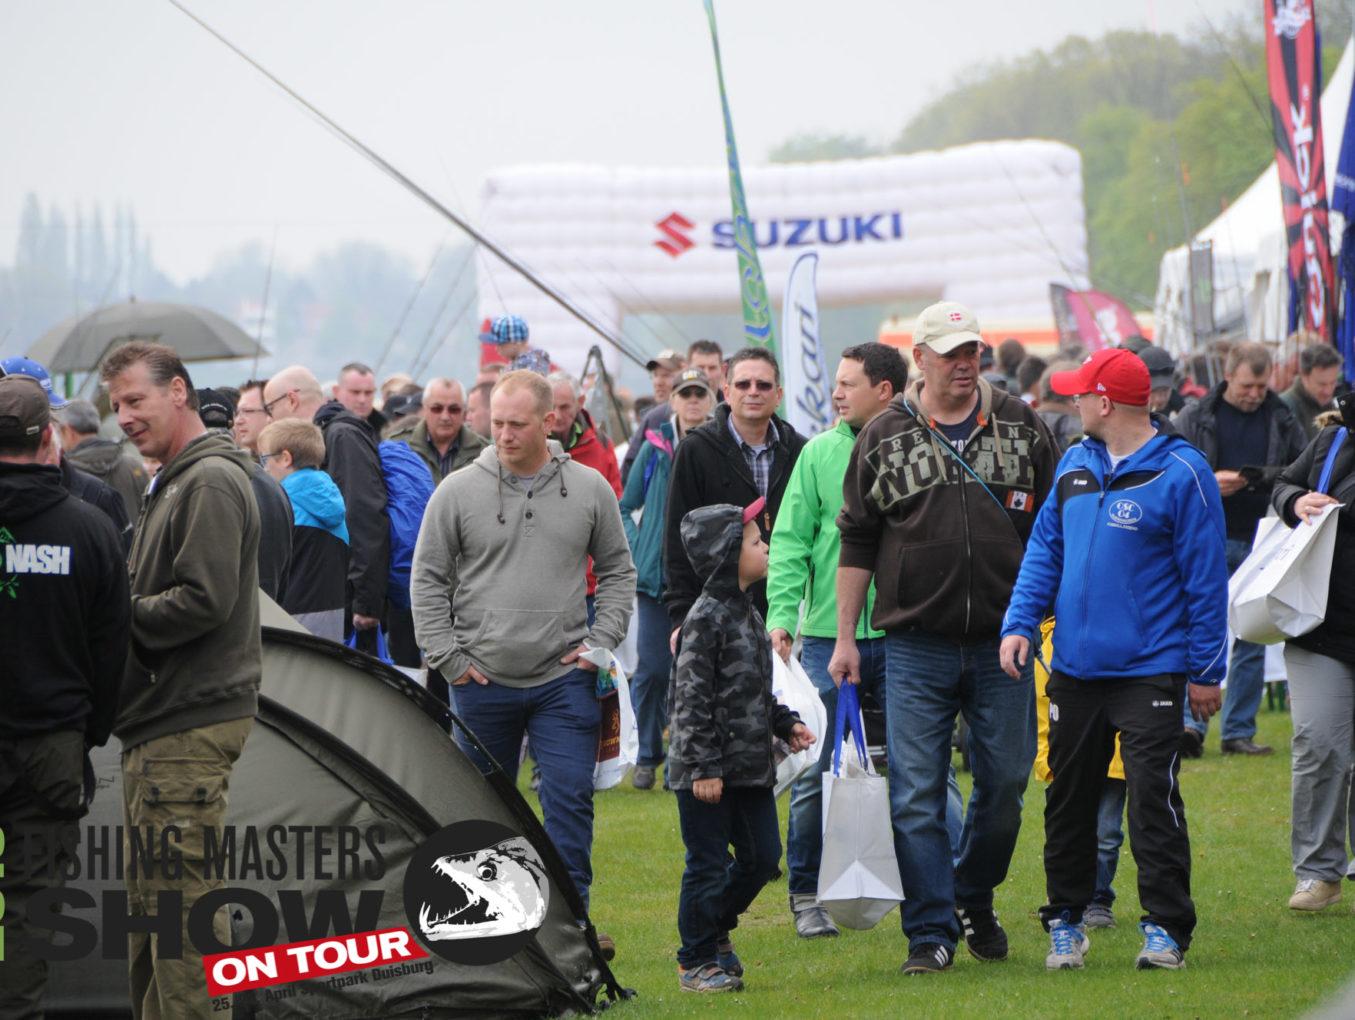 FISHING MASTERS SHOW on Tour 2015 Das größte Angel-Event Europas wieder ein voller Erfolg